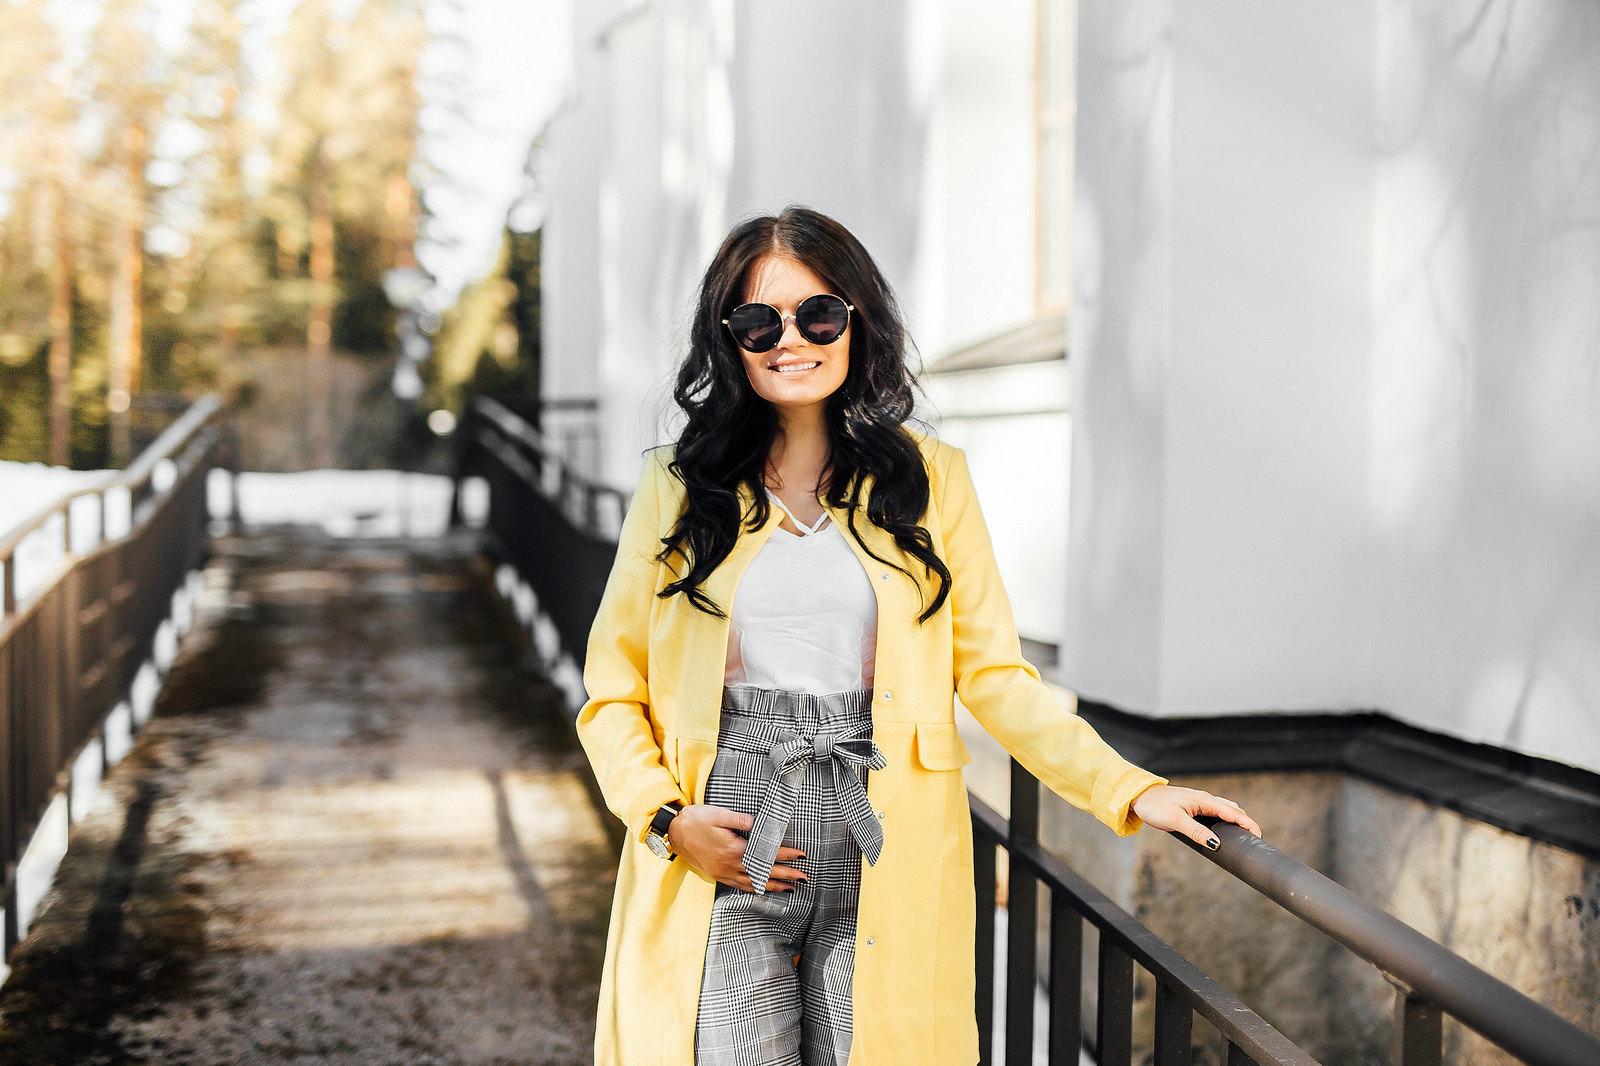 keltainen takki asu